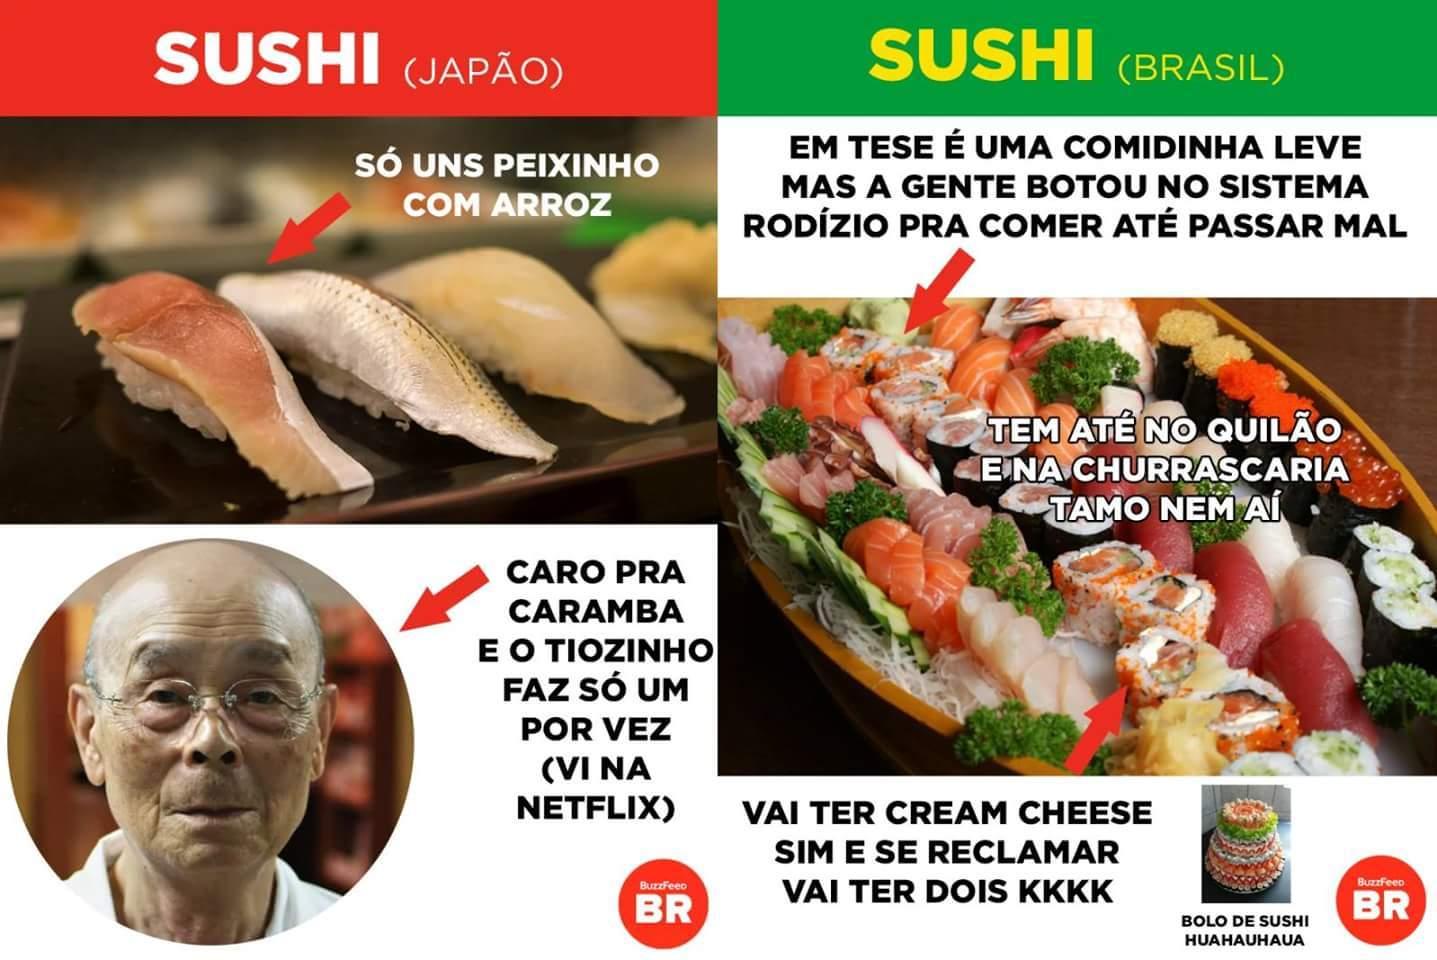 TEM ATÉ PIZZA DE SUSHI MANO - meme